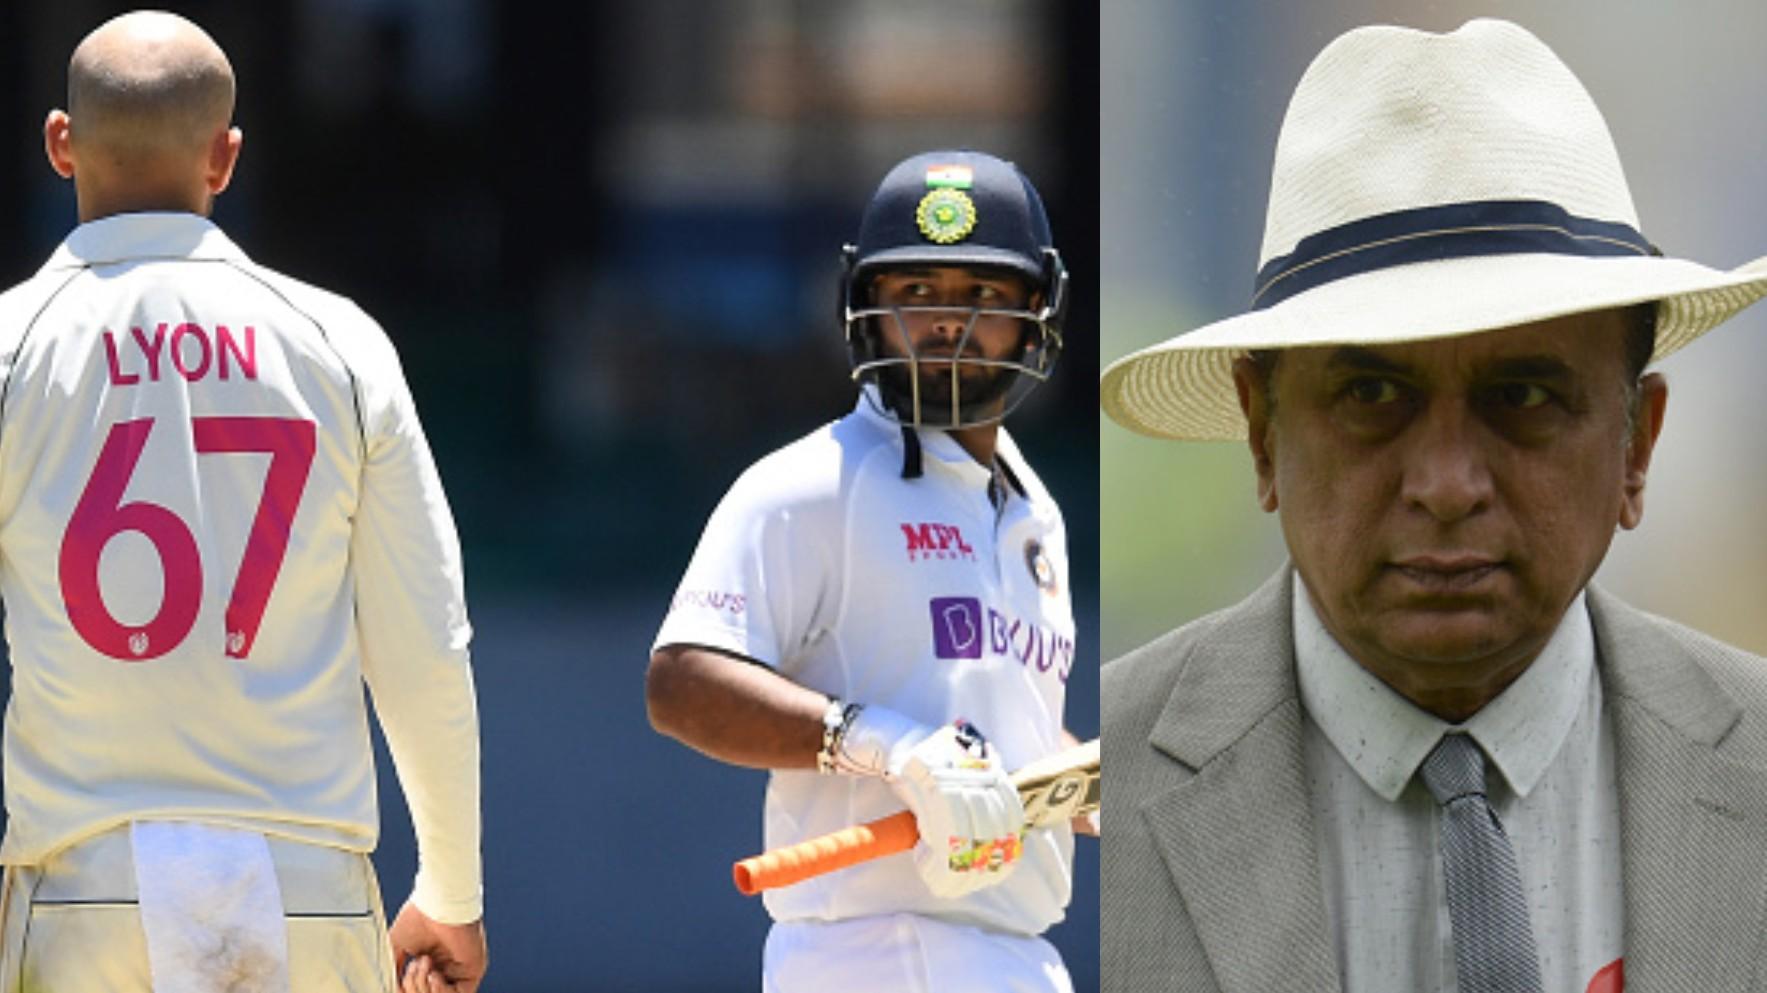 AUS v IND 2020-21: Sunil Gavaskar hails Rishabh Pant's calculated approach against Lyon